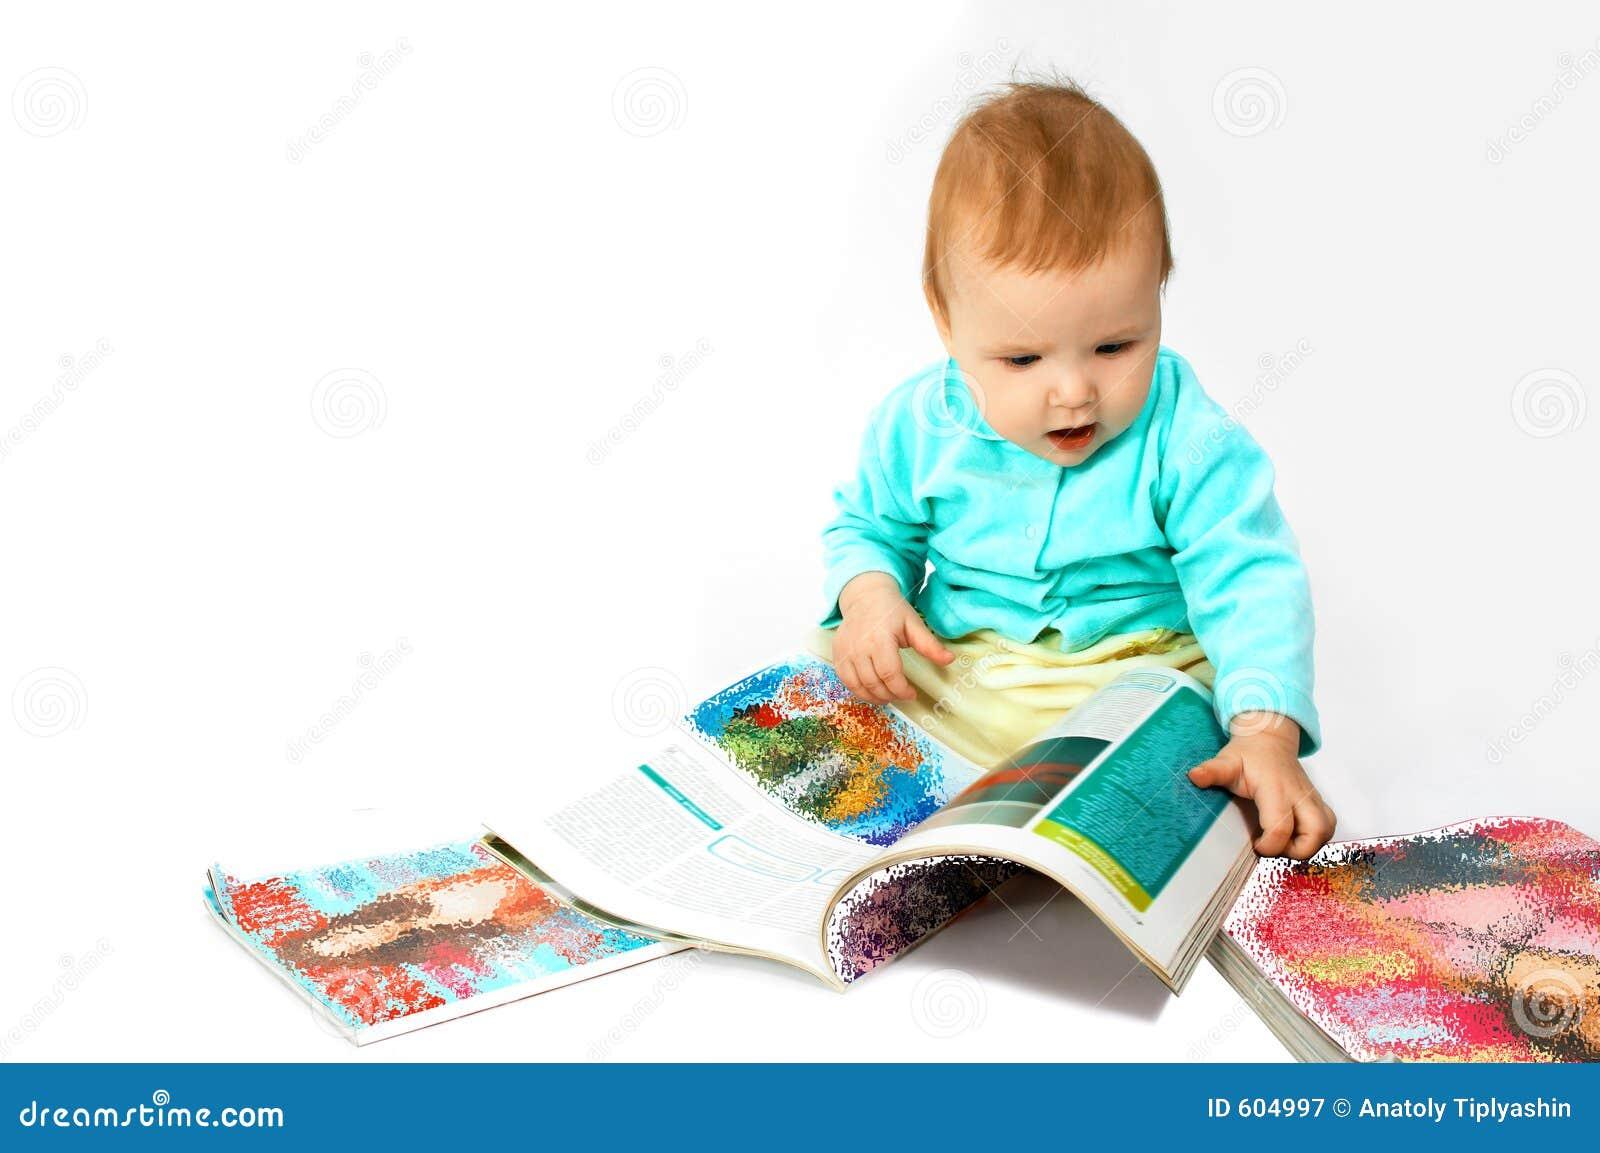 De baby las het tijdschrift